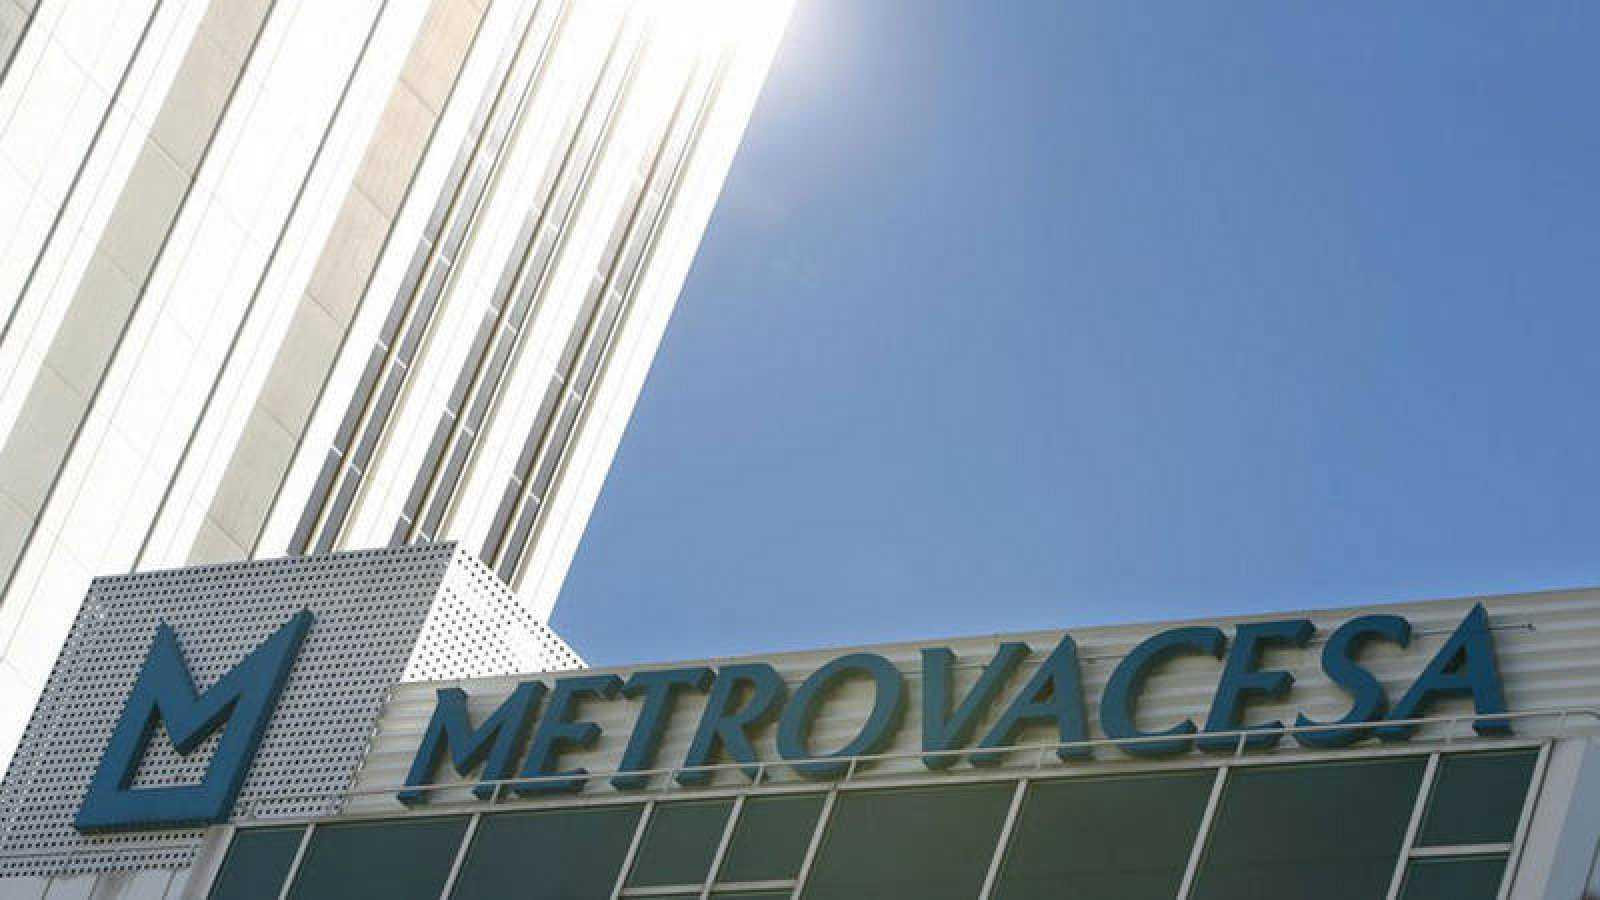 Detalle de la sede de la promotora Metrovacesa en Madrid